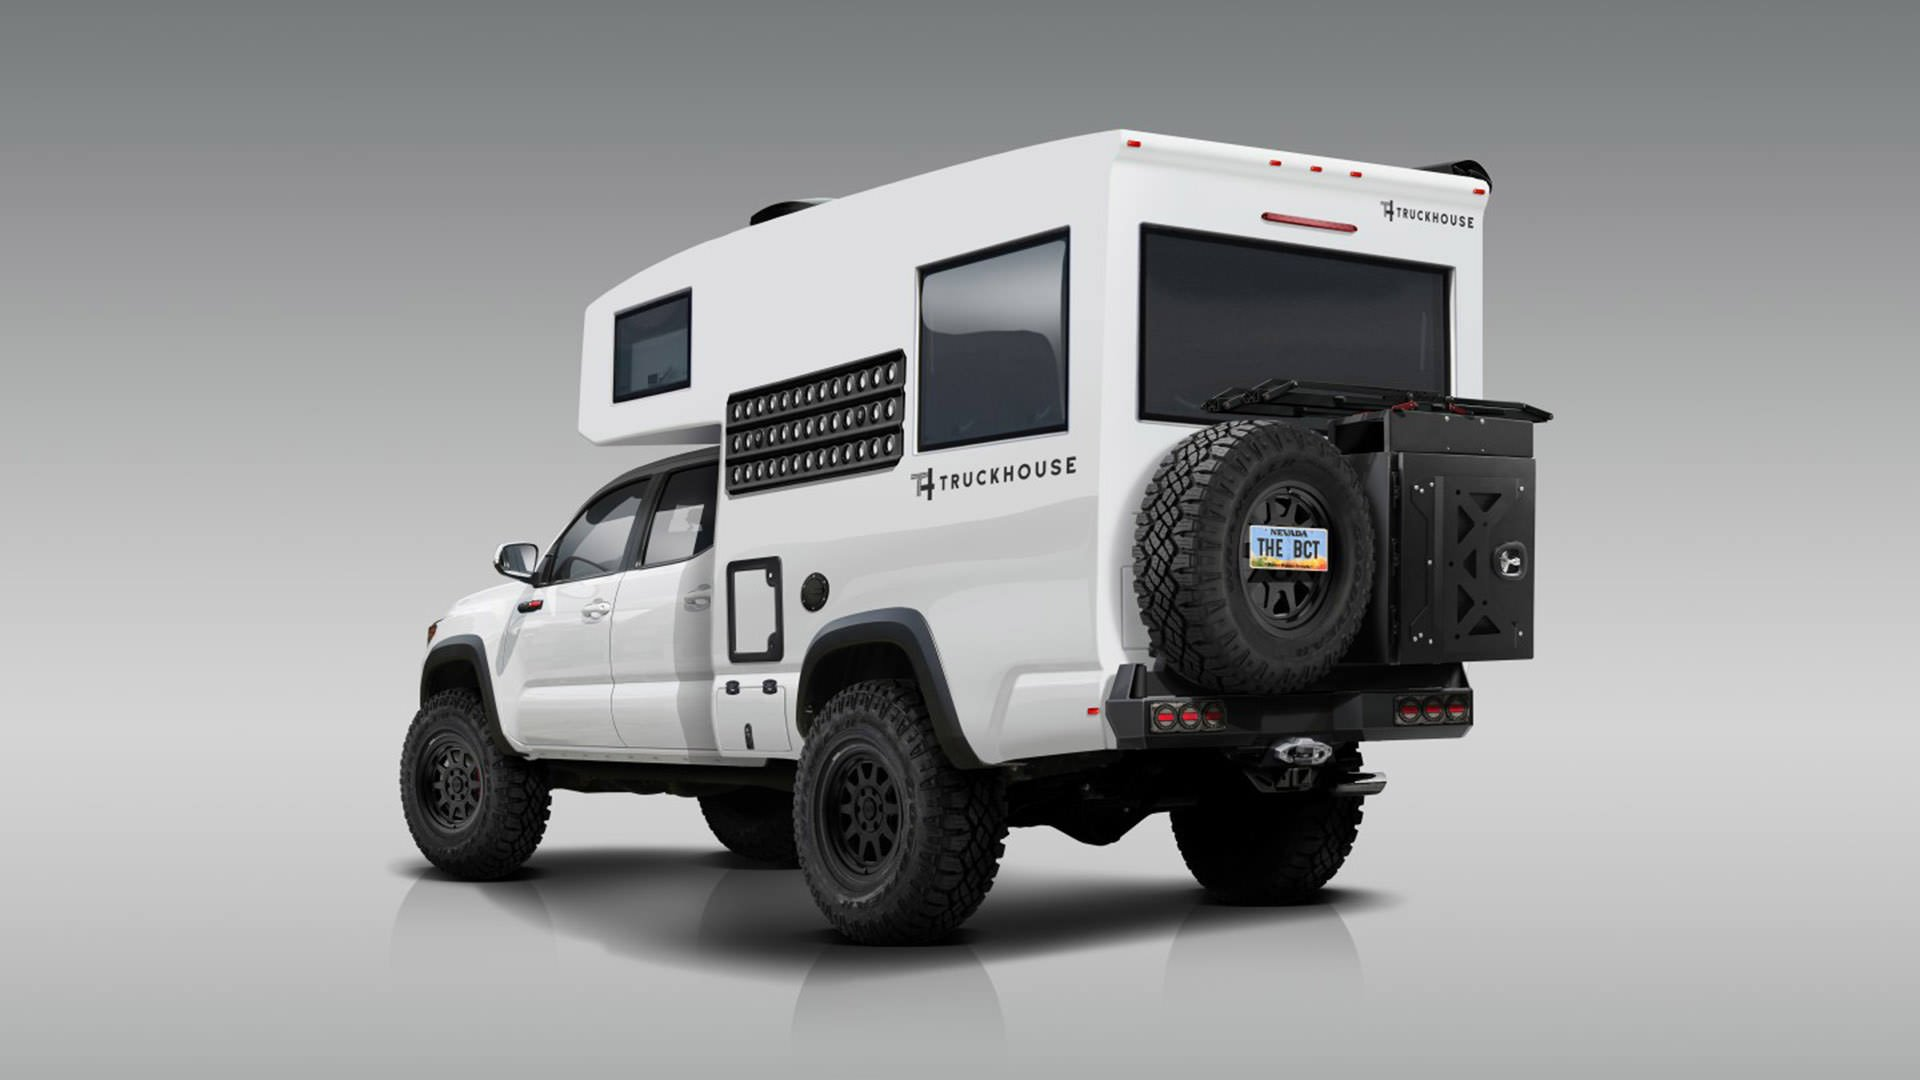 خودروی تفریحی تراک هاوس مبتنی بر وانت تویوتا تاکوما معرفی شد